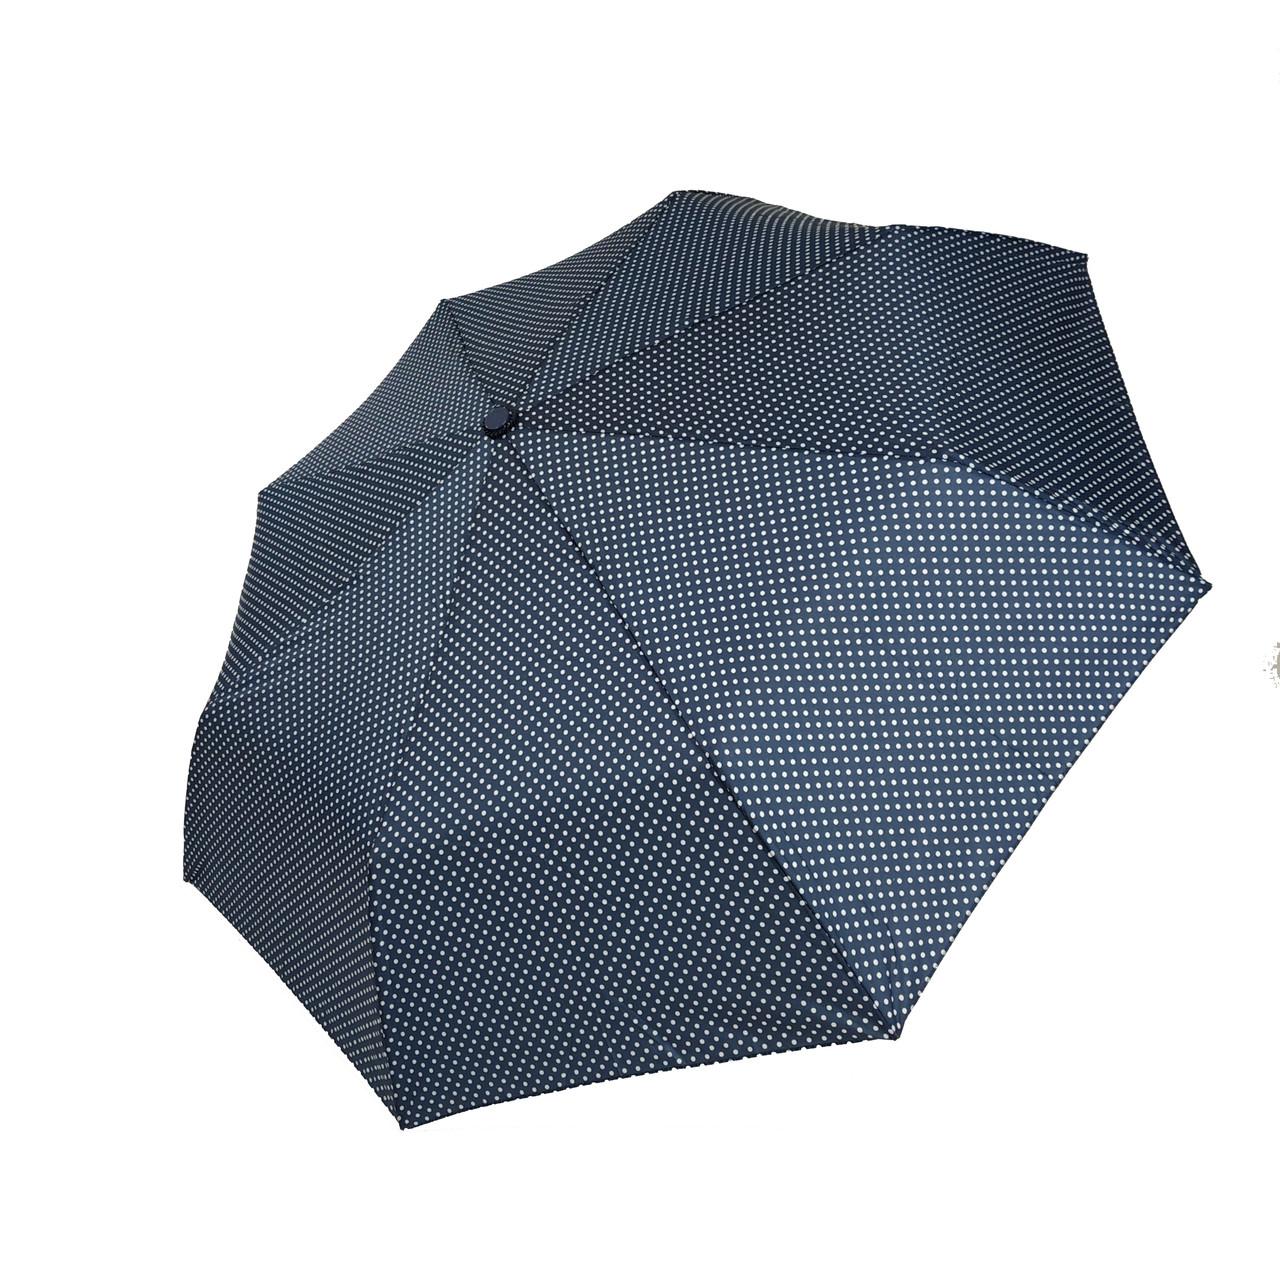 """Механический компактный зонт в горошек от фирмы """"SL"""", синий, 35013-4"""